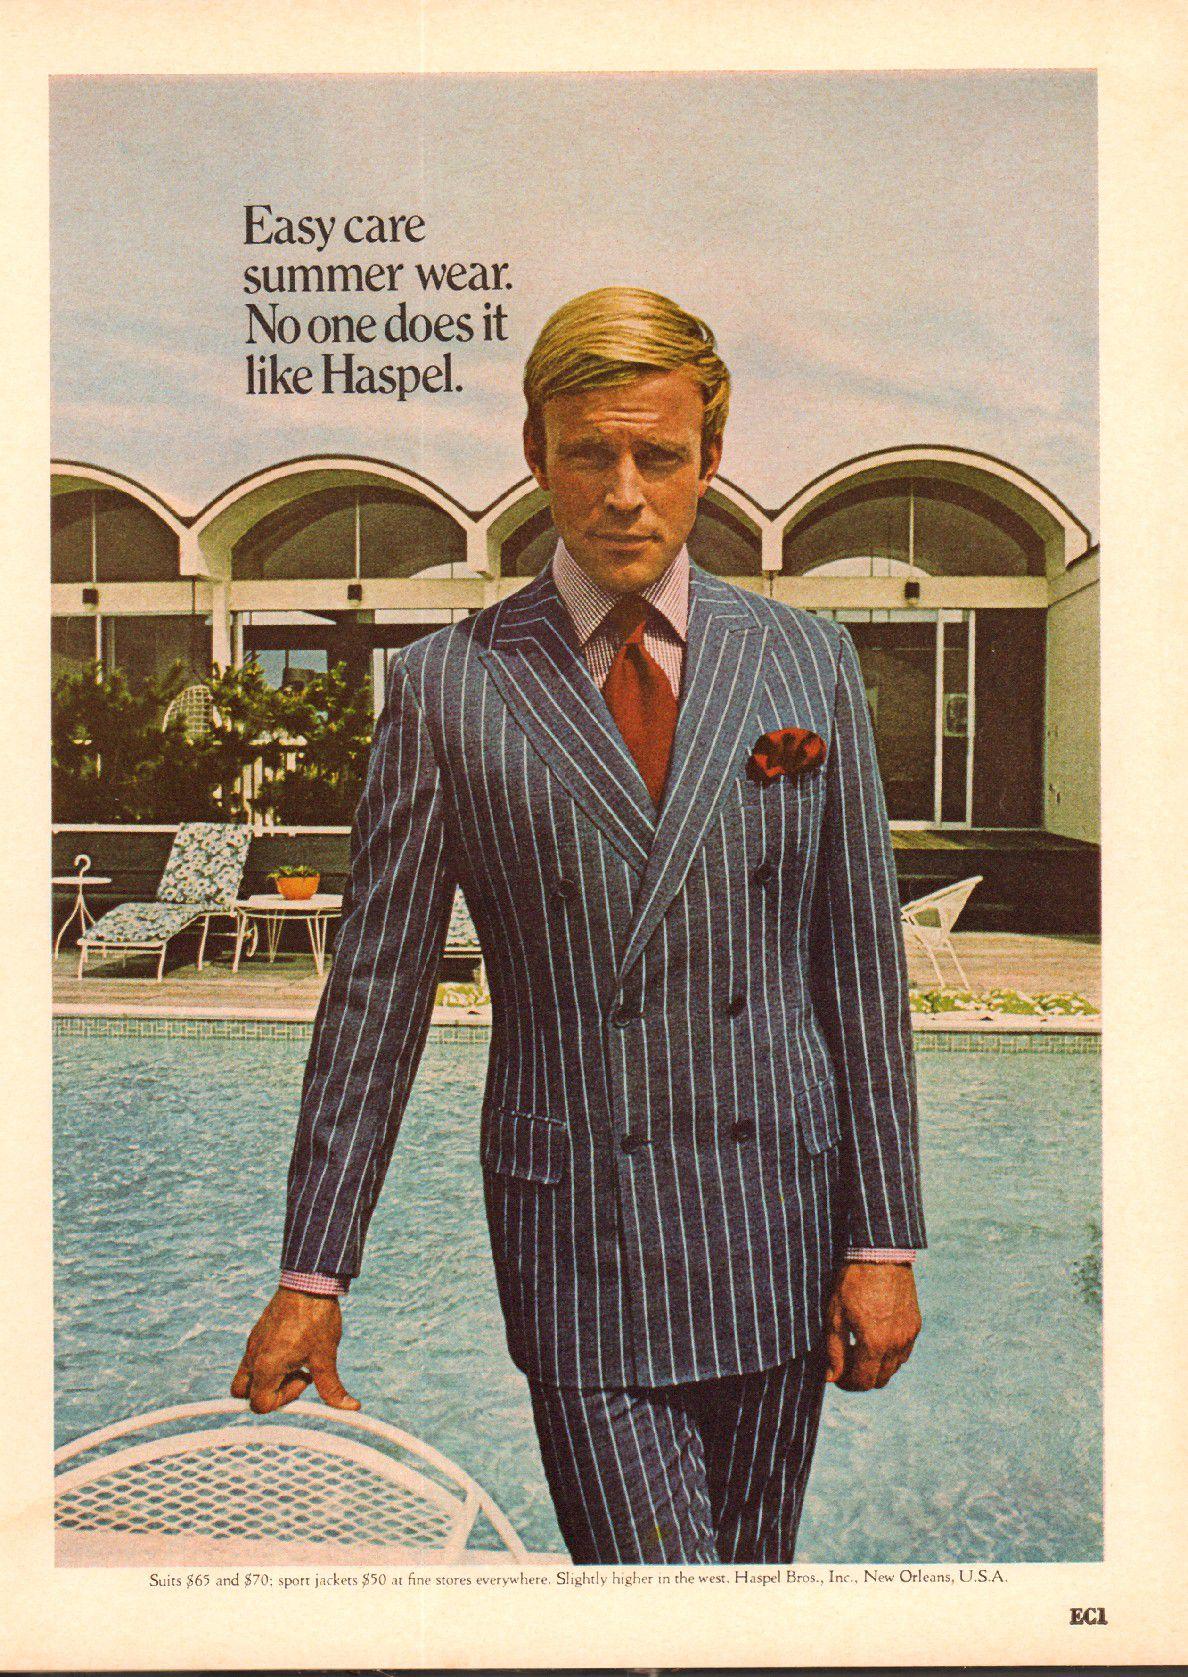 A 1970 Haspel ad.